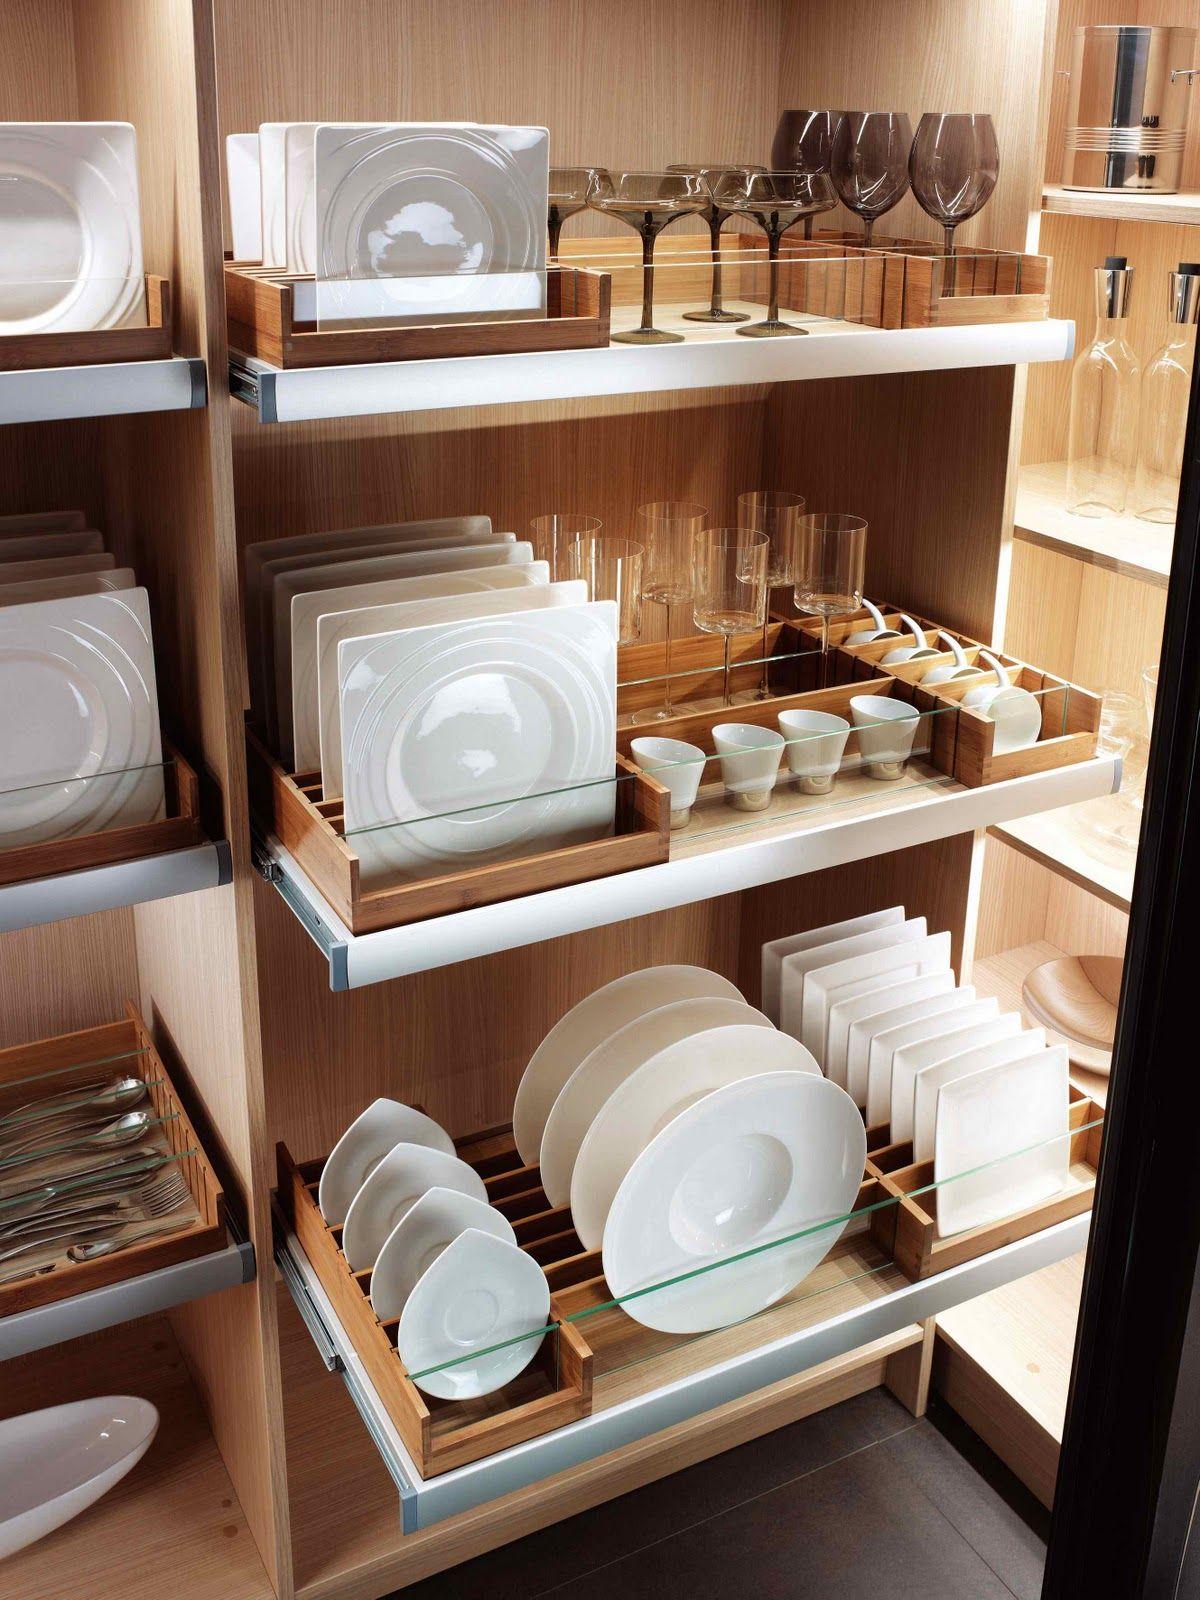 Organized dish racks interior pinterest dish racks organizing